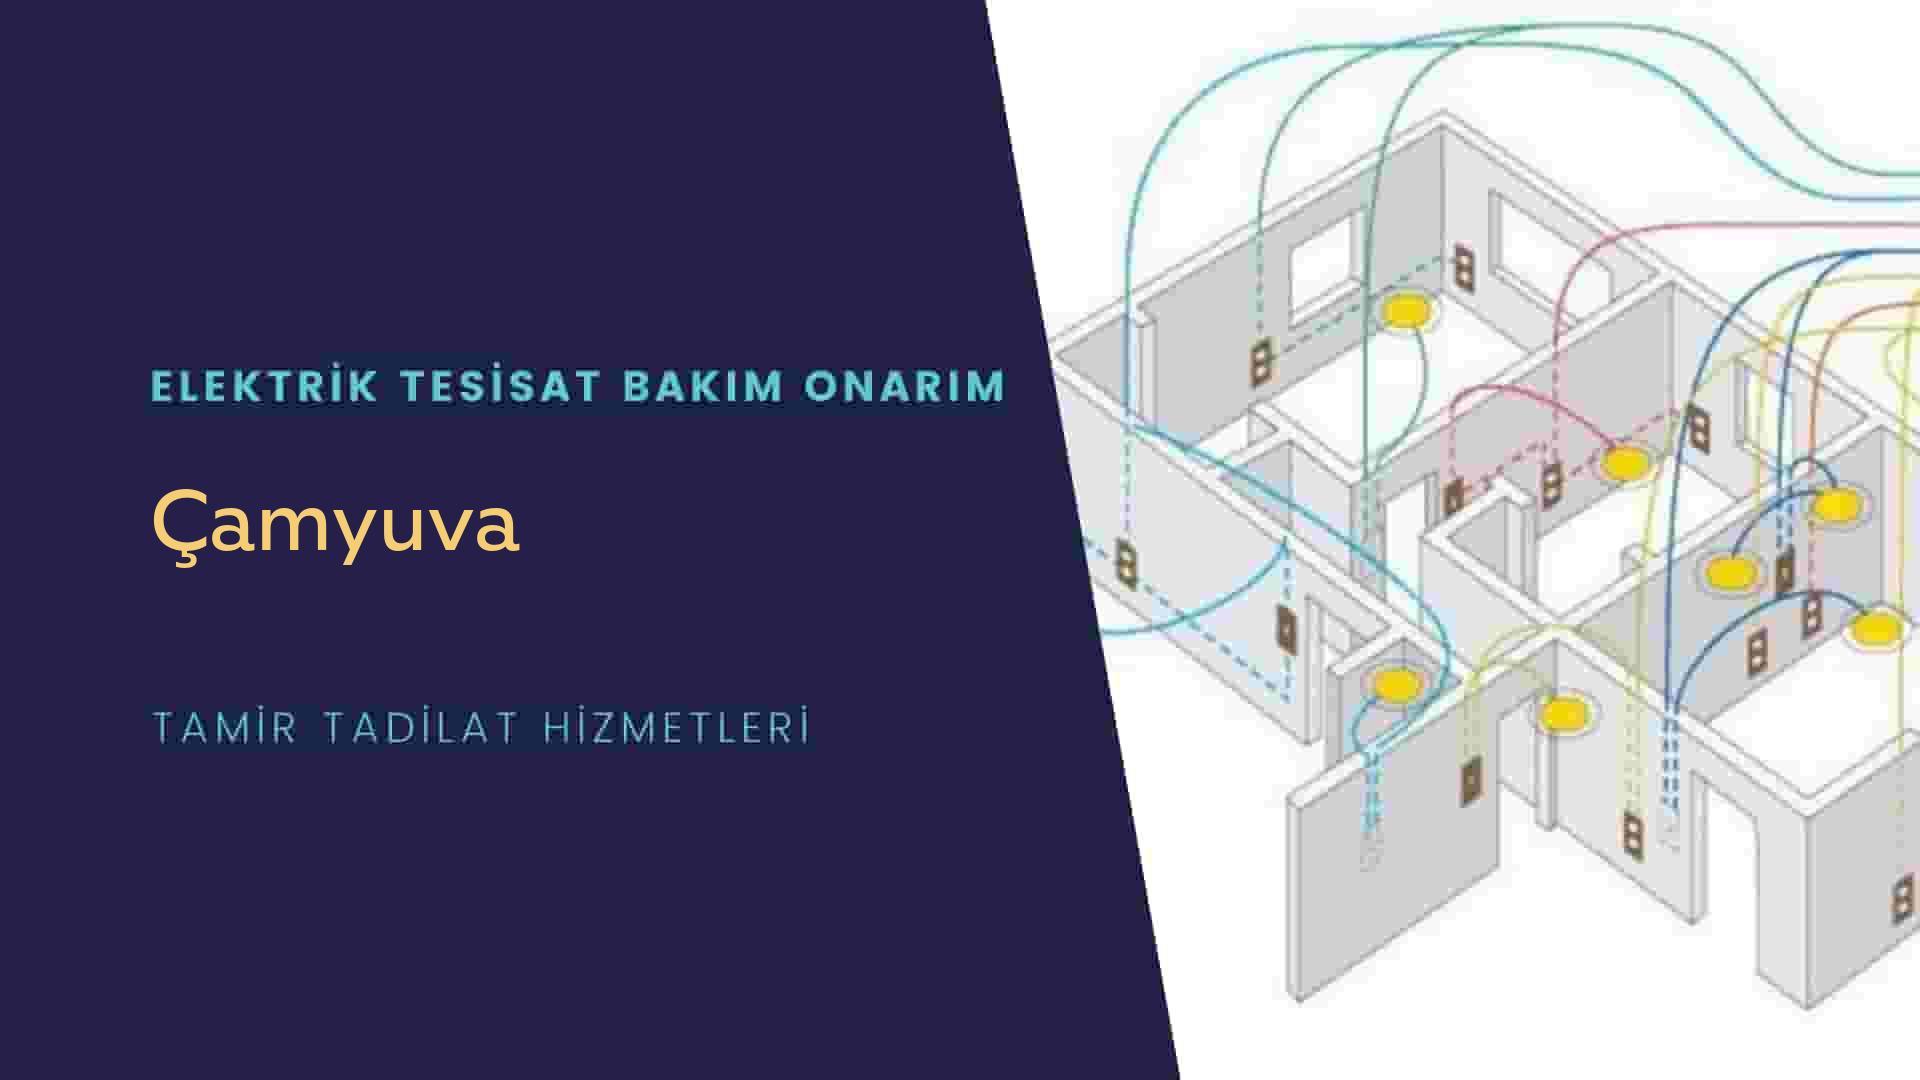 Çamyuva'da elektrik tesisatıustalarımı arıyorsunuz doğru adrestenizi Çamyuva elektrik tesisatı ustalarımız 7/24 sizlere hizmet vermekten mutluluk duyar.